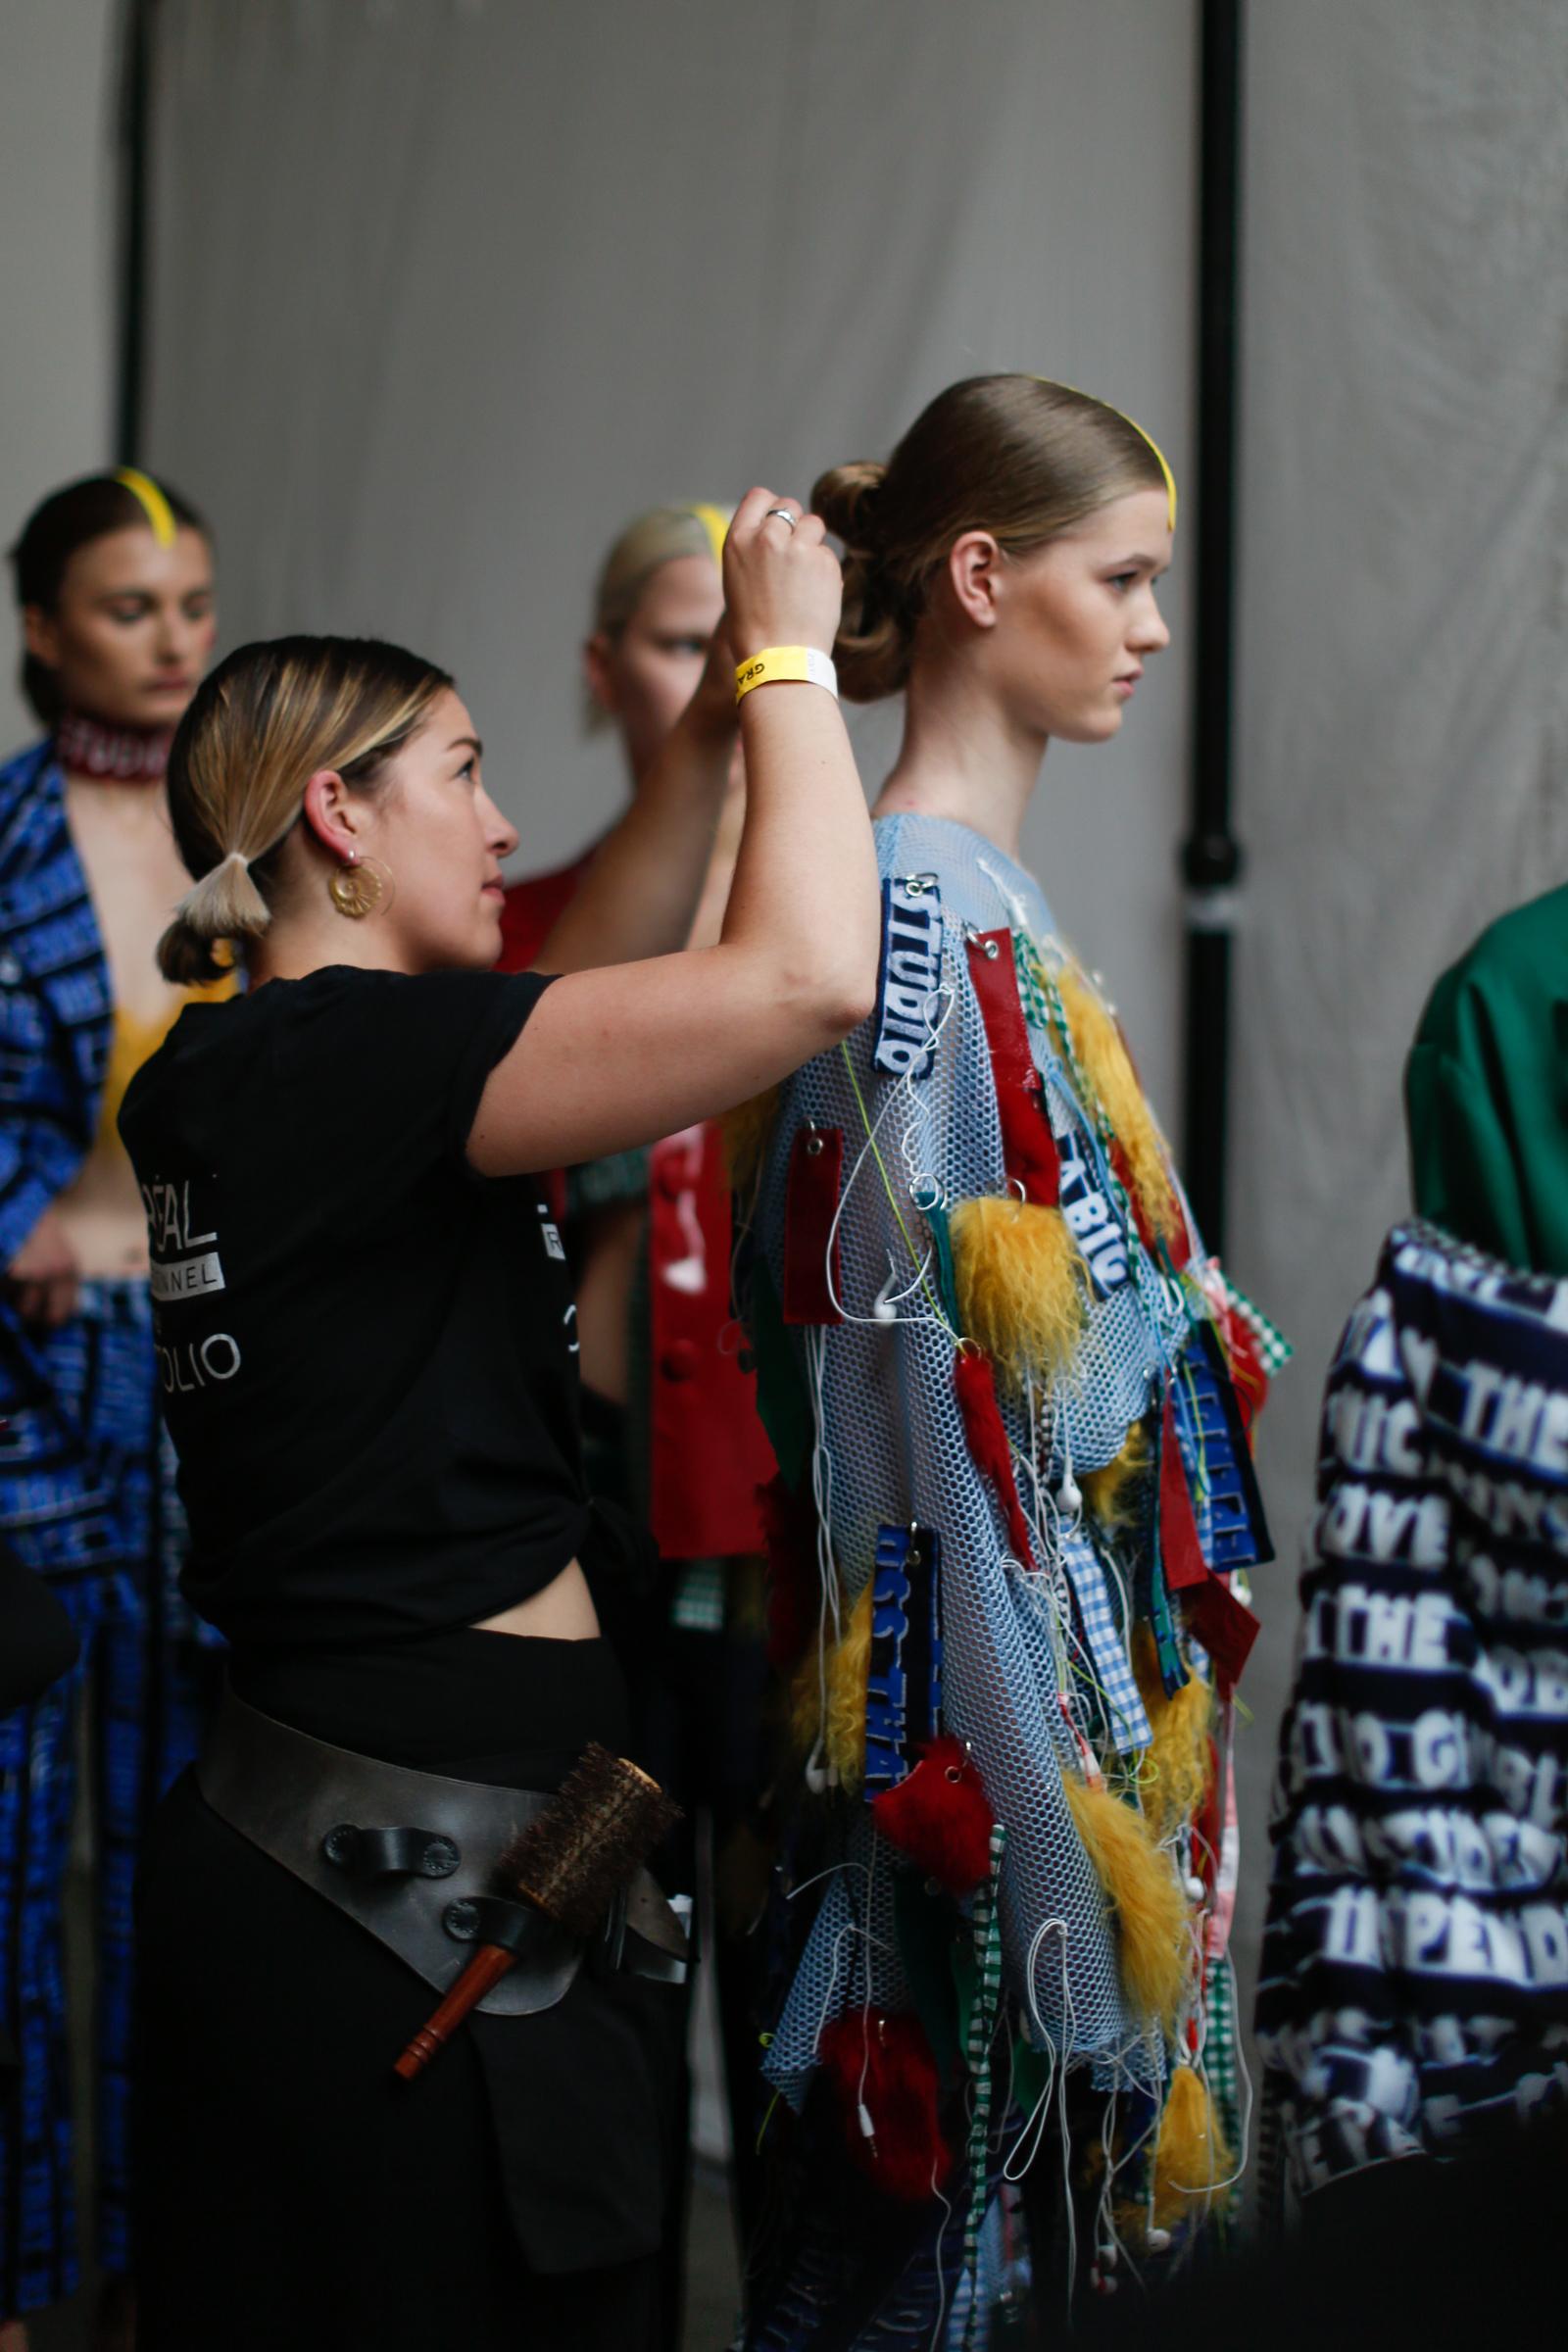 05-06 Nottingham Trent University Backstage images by Kathrin Werner 014.jpg